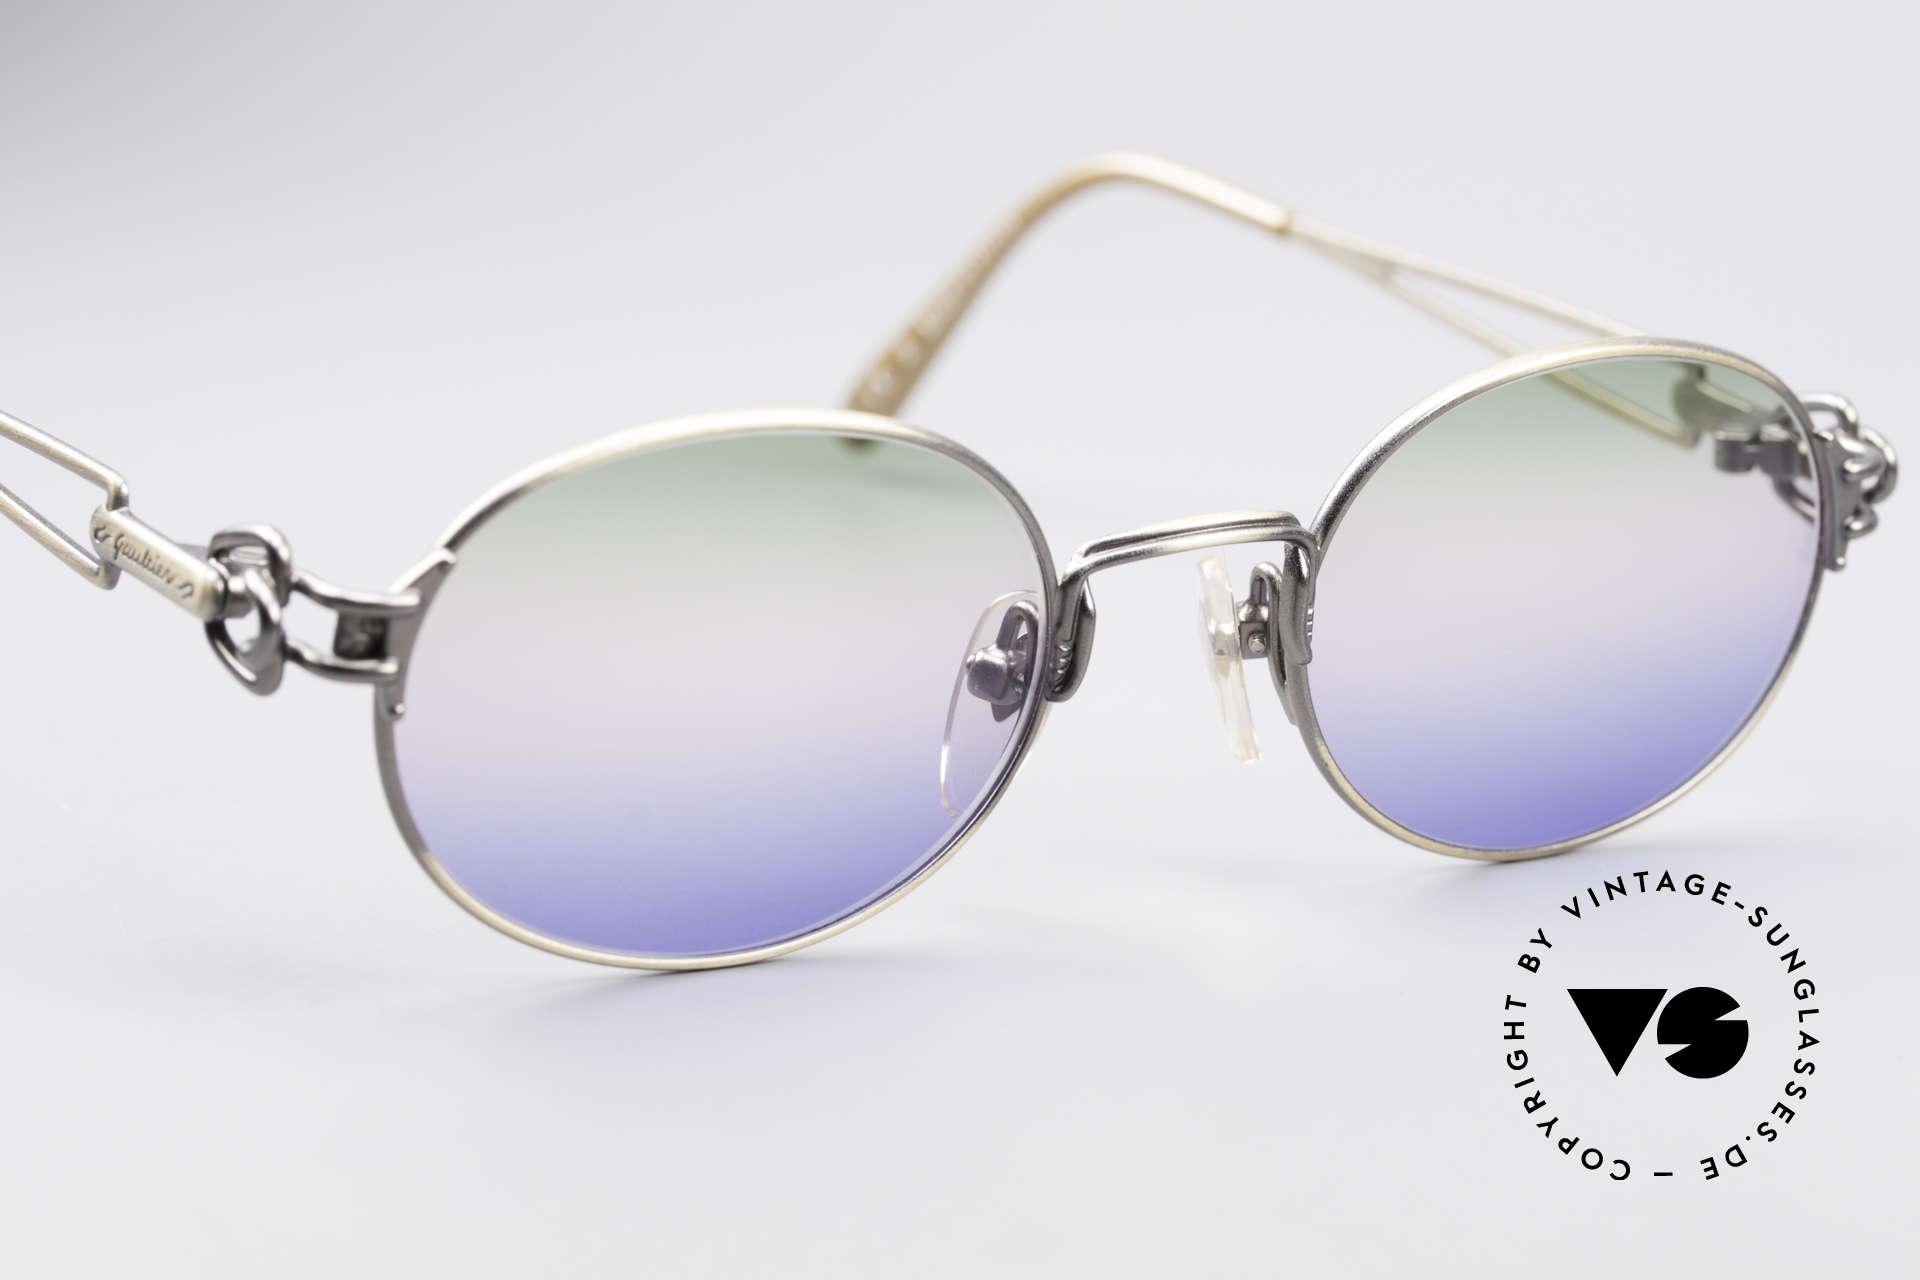 Jean Paul Gaultier 55-6112 JPG Designer Sunglasses, unworn rarity (like all our old JPG designer sunglasses), Made for Men and Women